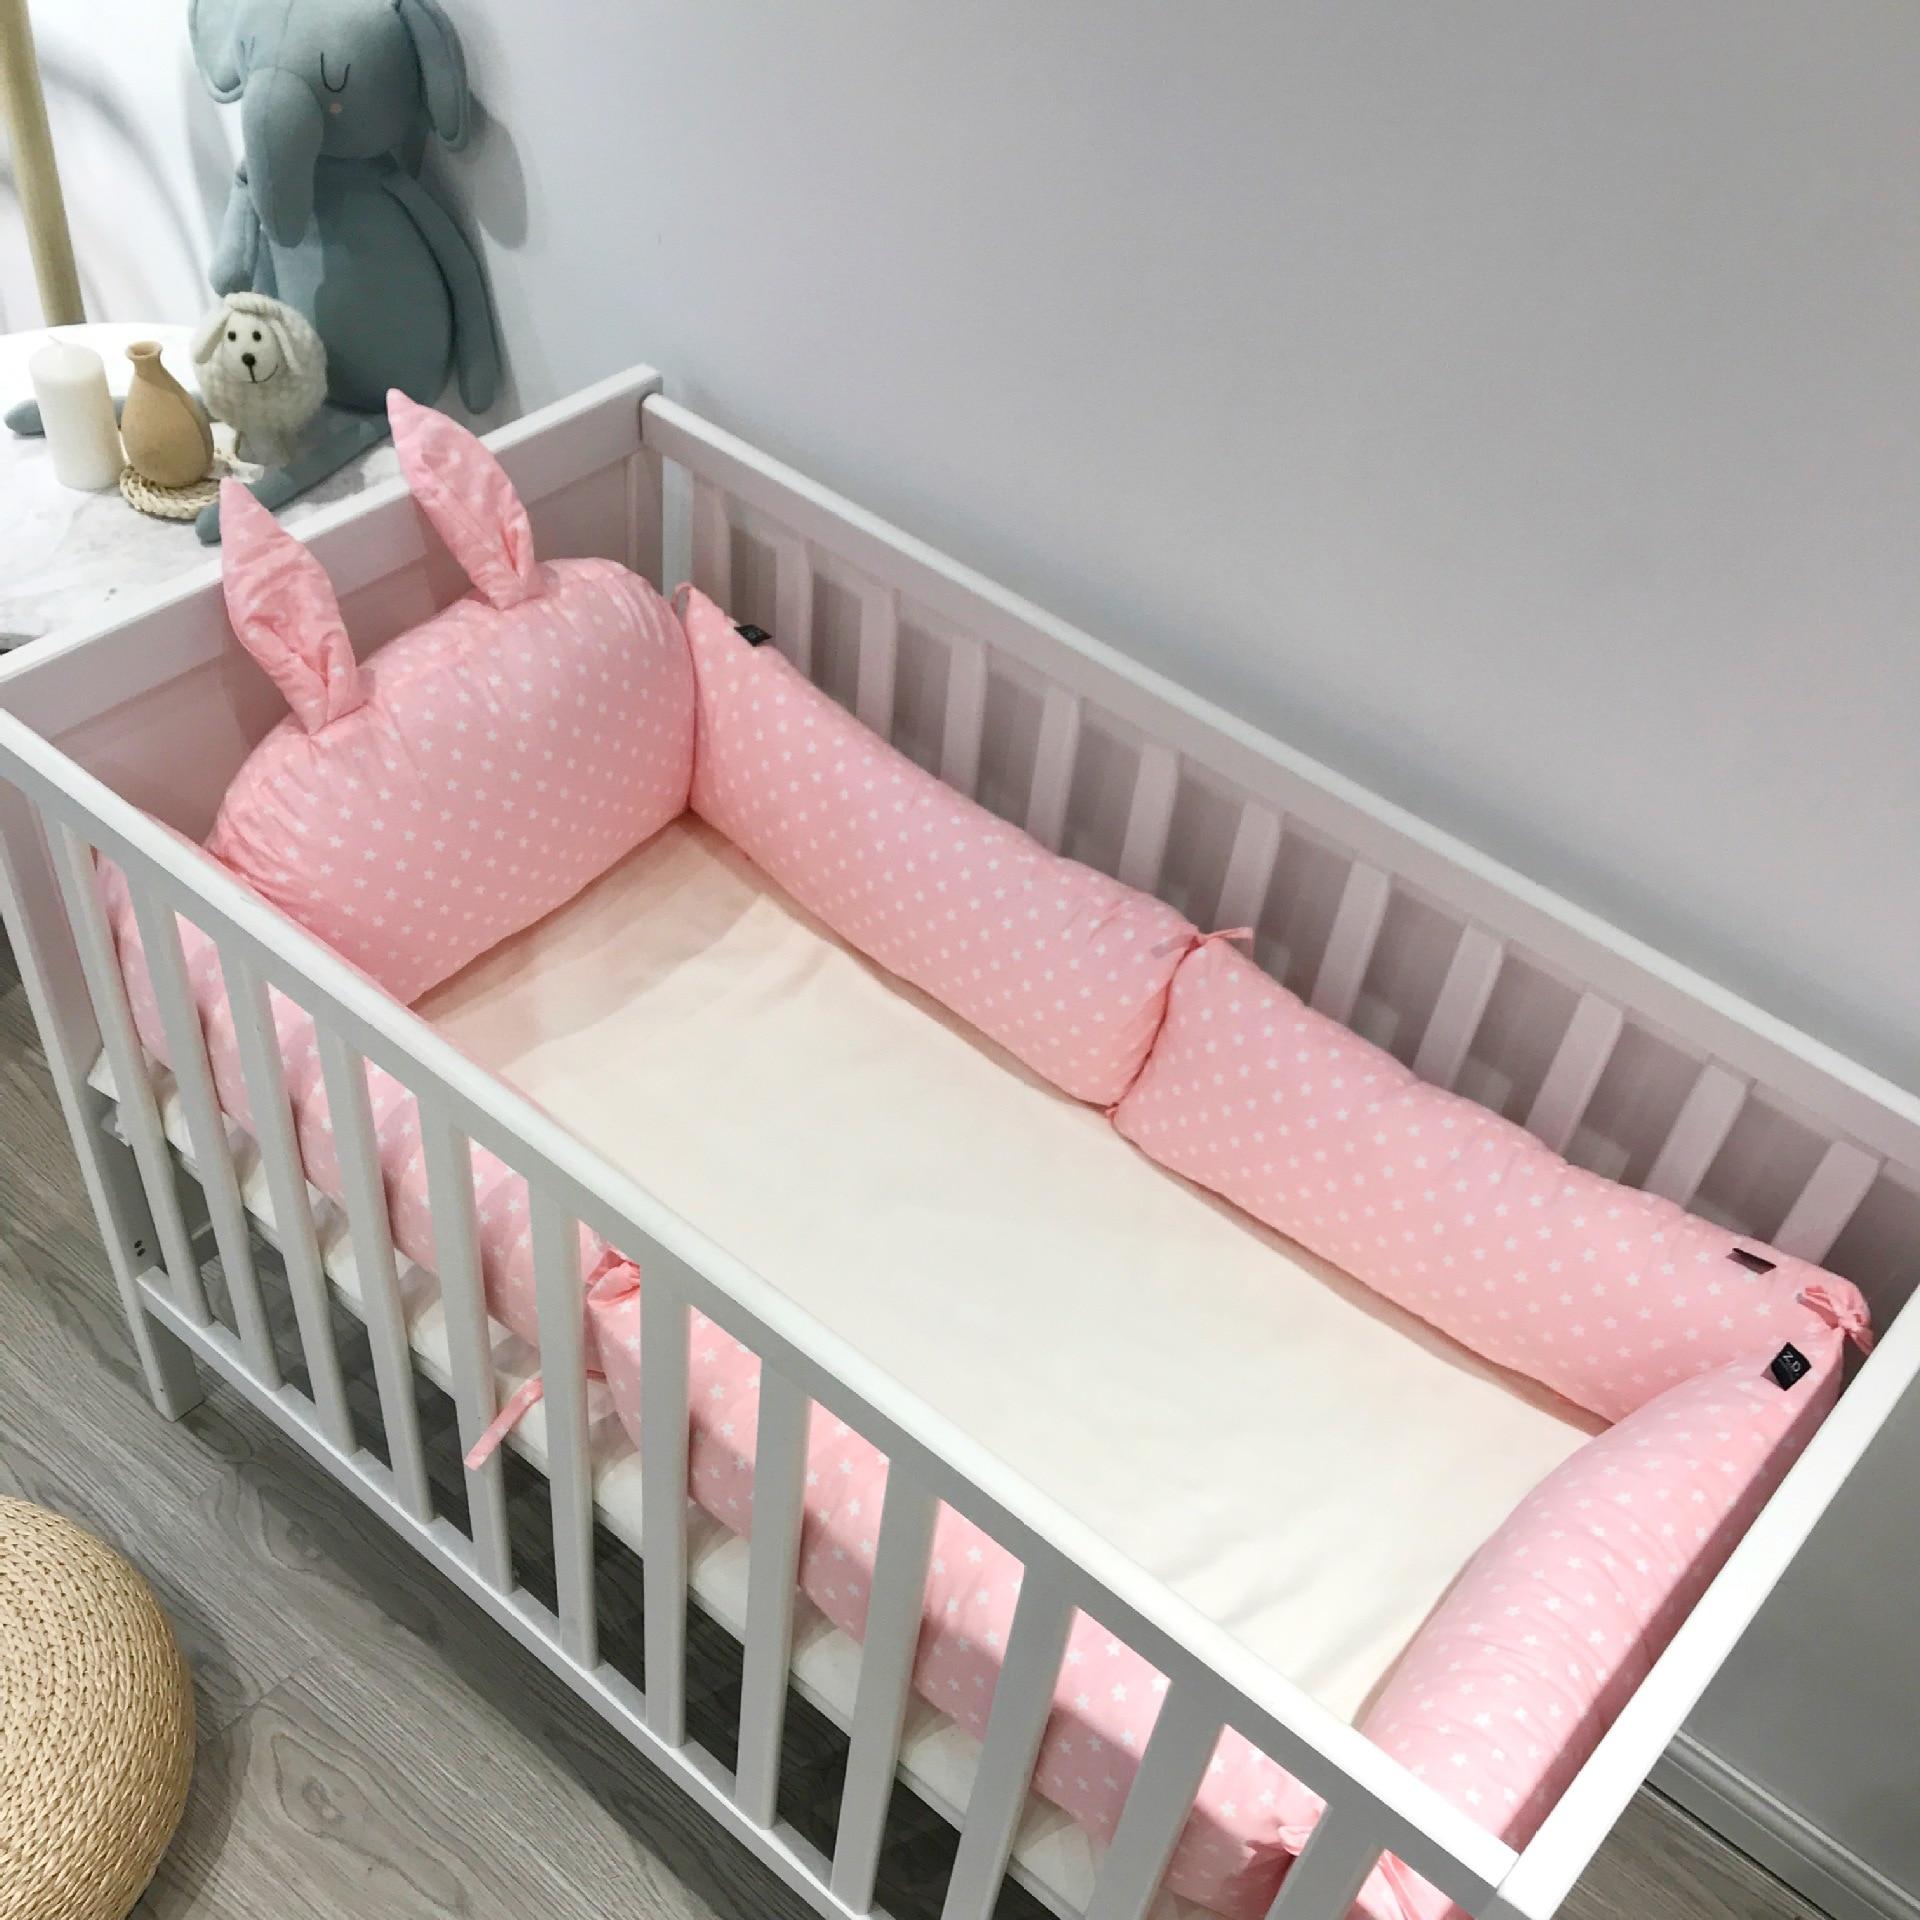 Детский бампер для кроватки с заячьими ушками, Комплект постельного белья для новорожденных, детская кроватка, бампер для детской комнаты,